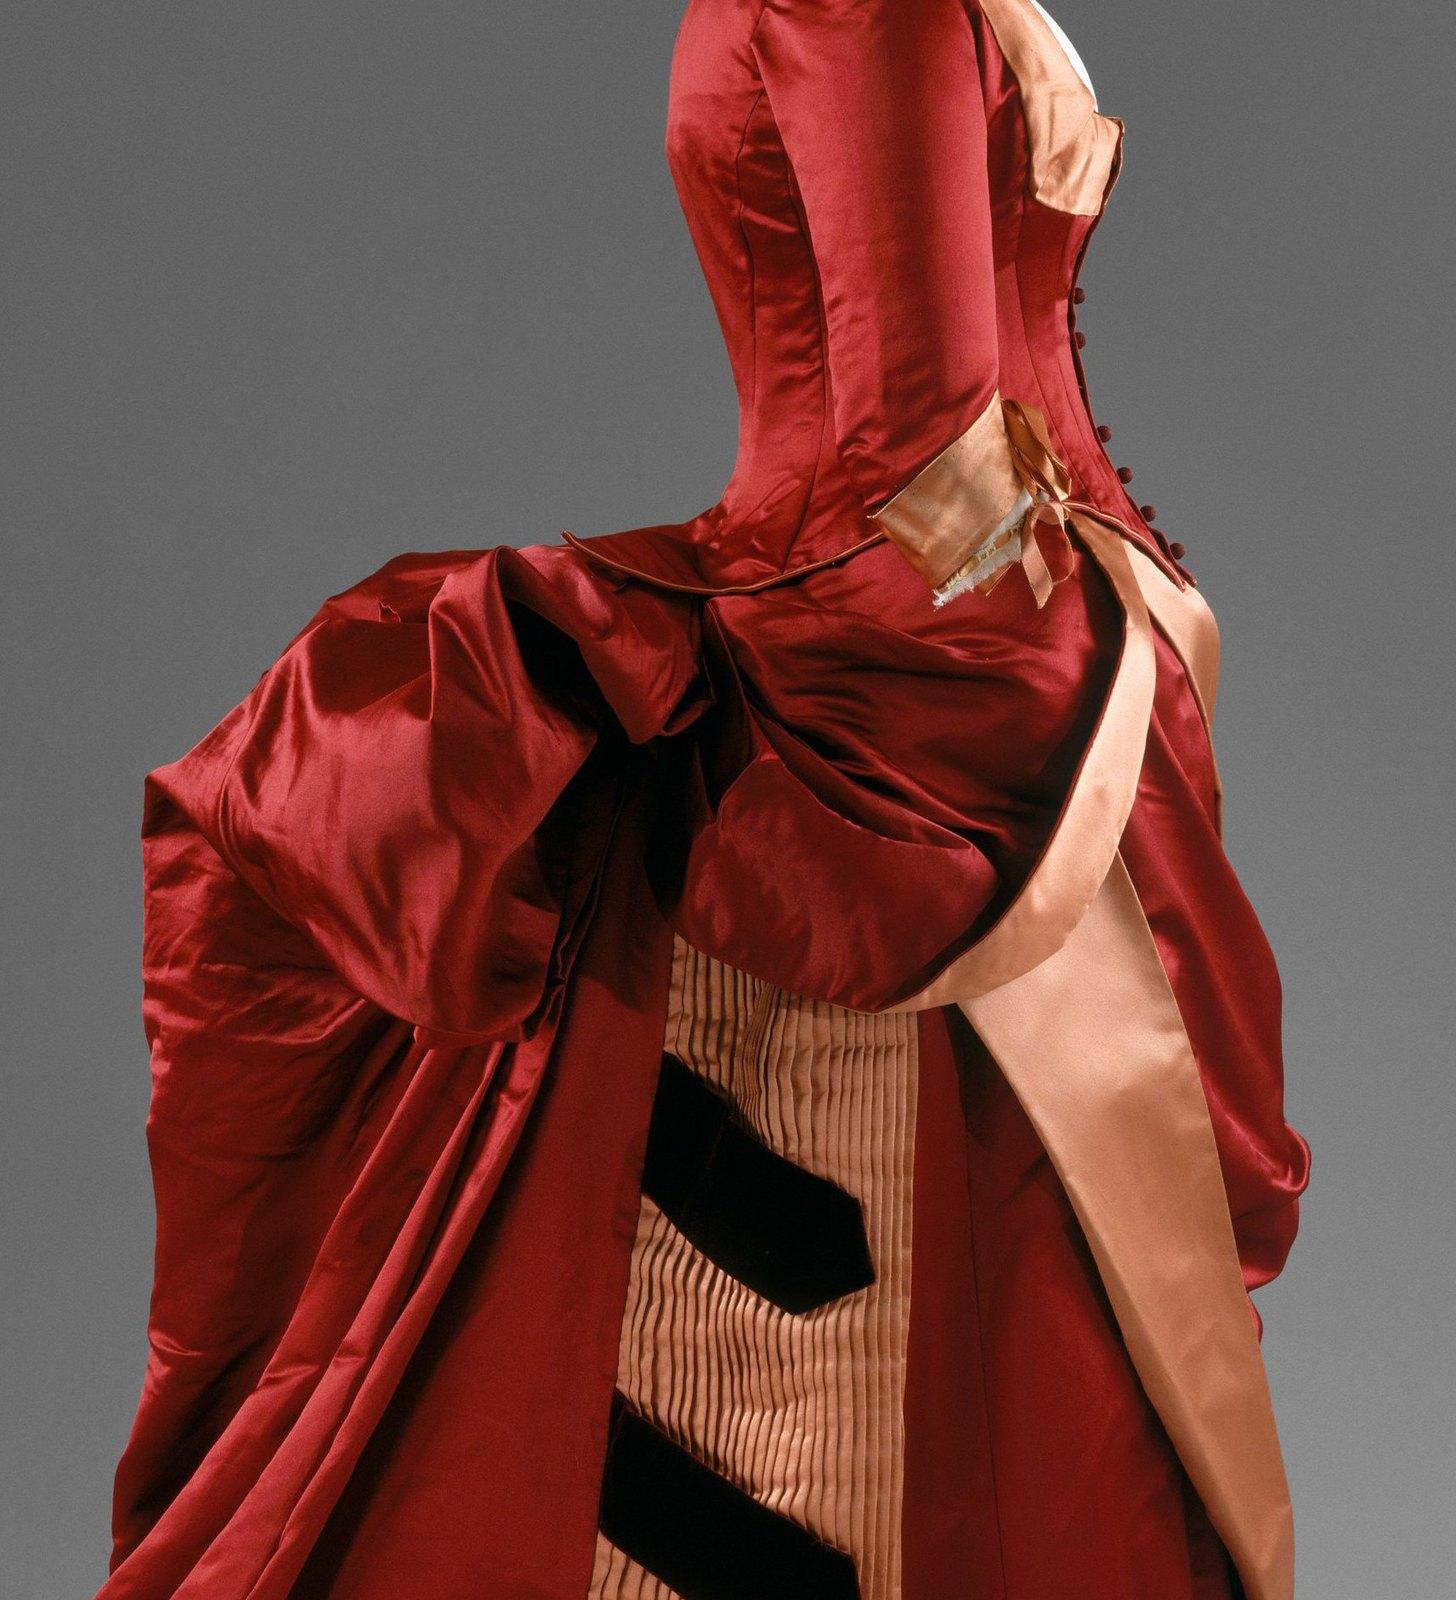 1884-86. American. Silk. metmuseum_closeup